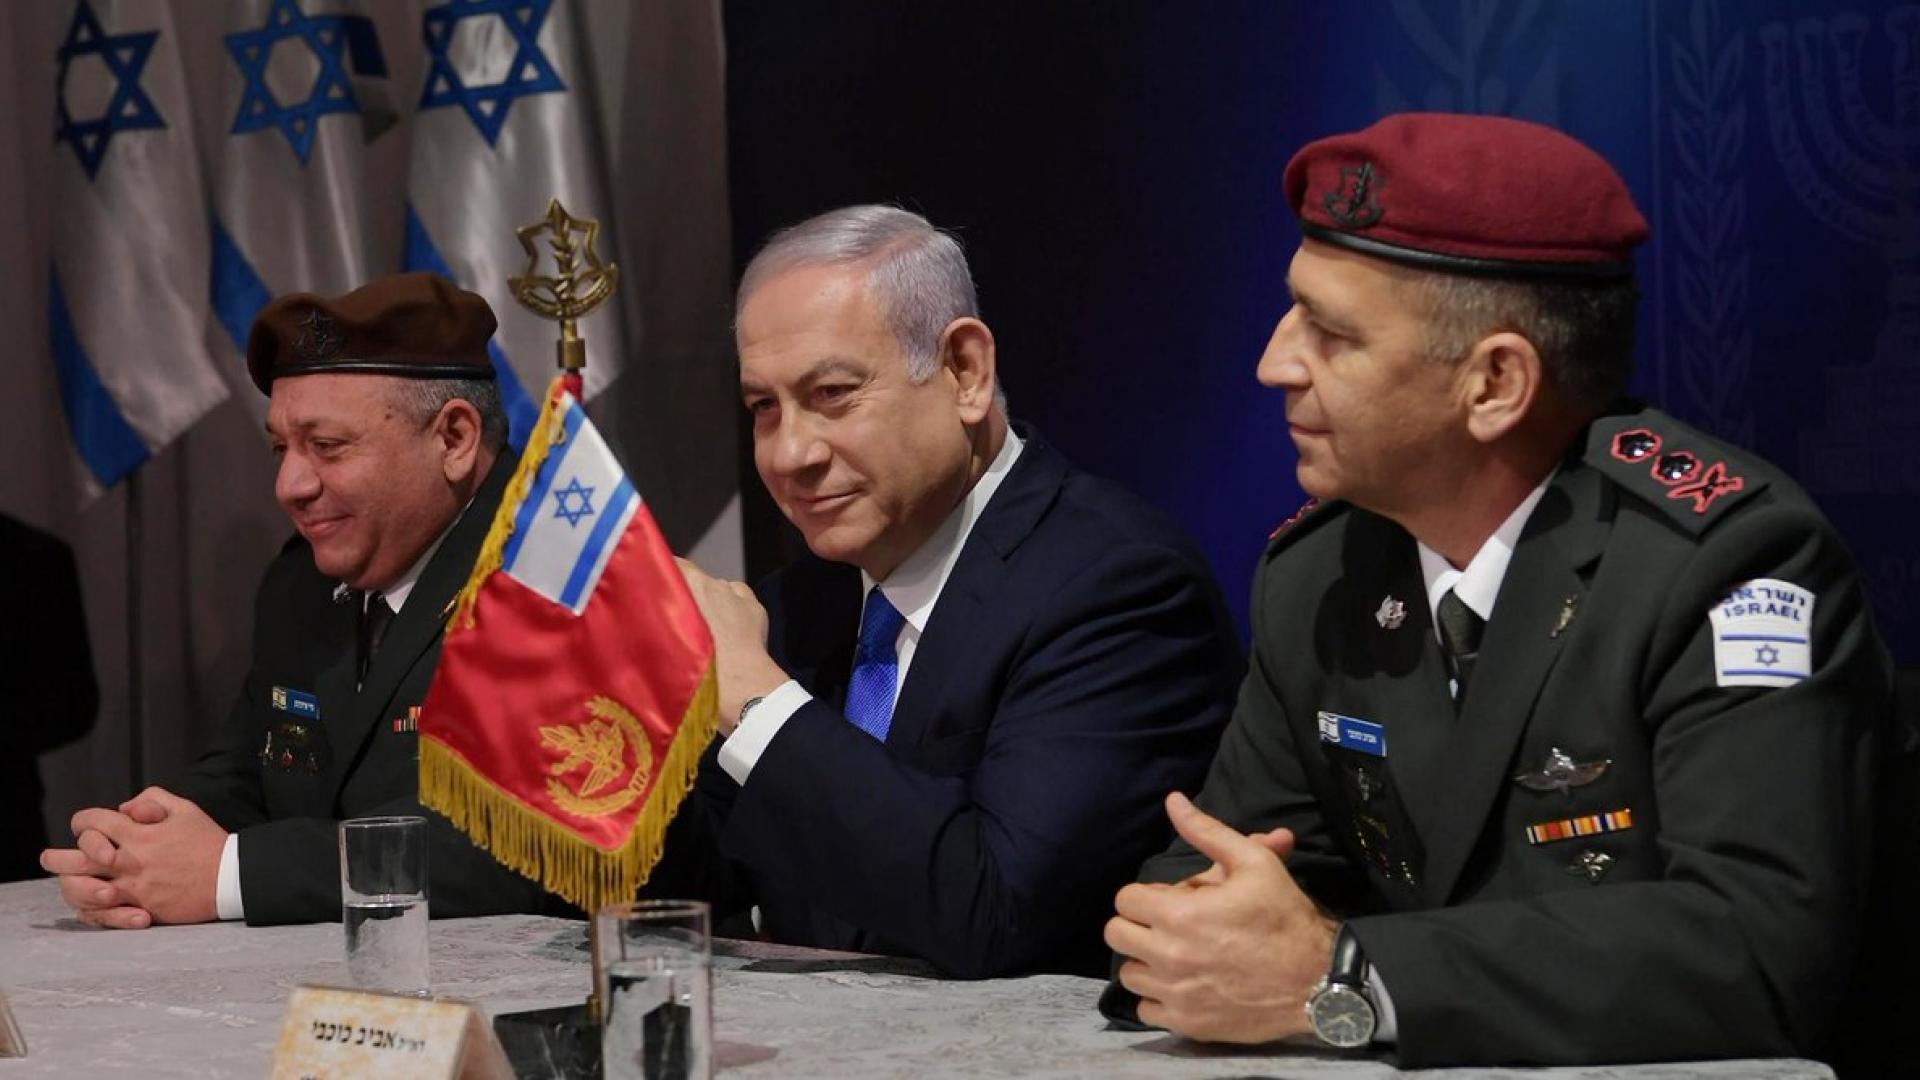 نتنياهو: علاقاتنا مع العالم العربي تتوطد أكثر من أي وقت مضى